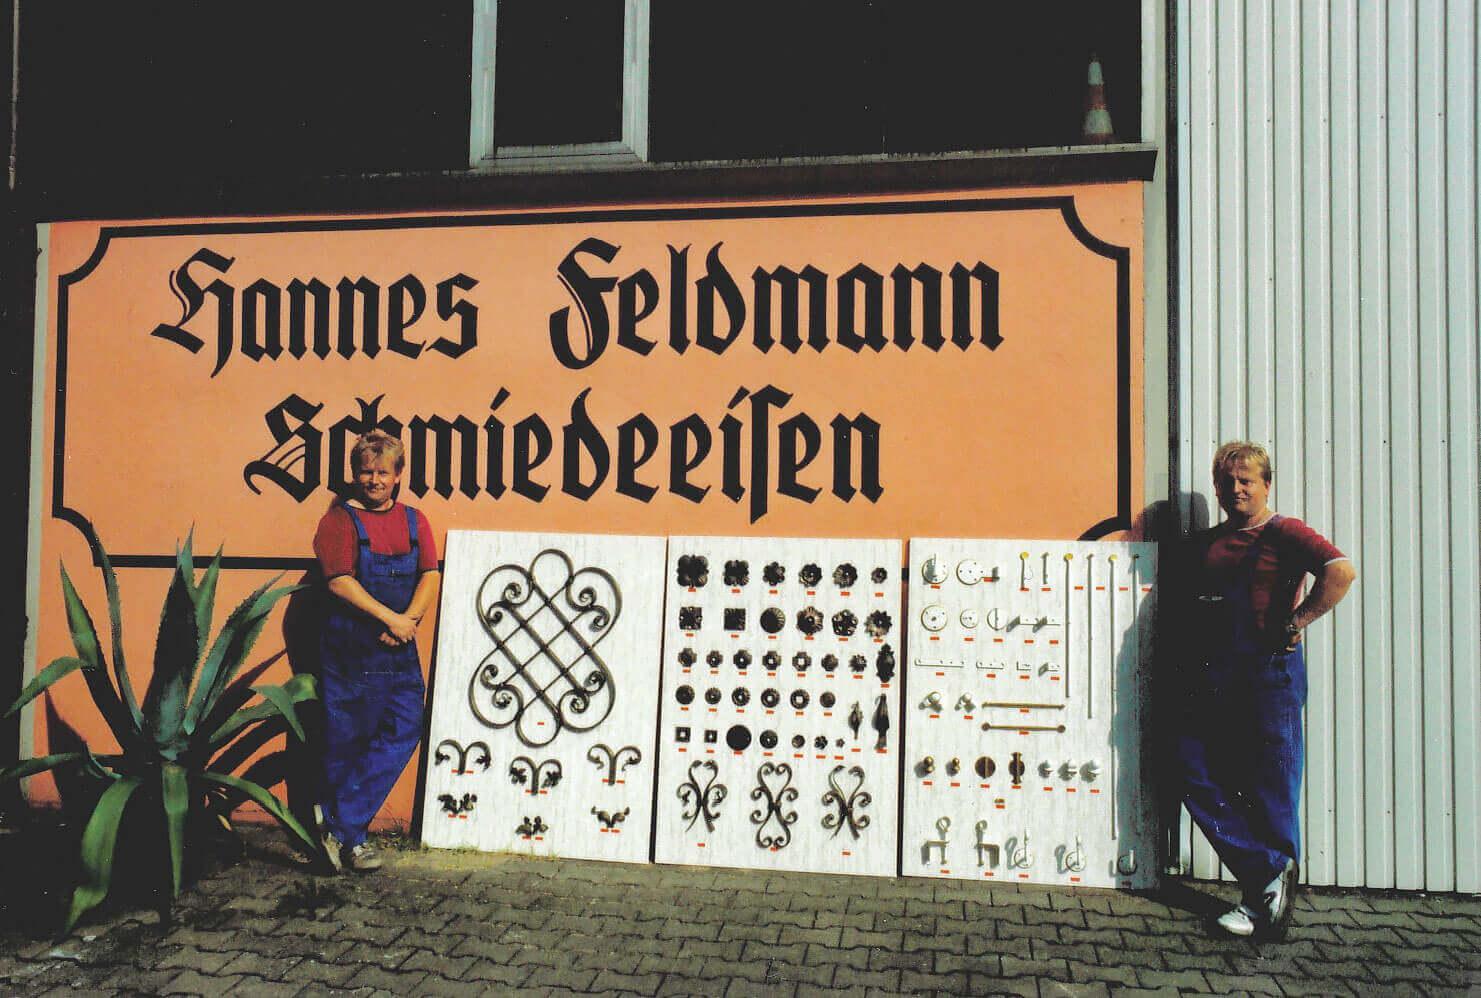 Die Brüder Norbert und Hans Feldmann präsentierten Bestseller aus dem Schmiedeeisen-Sortiment.